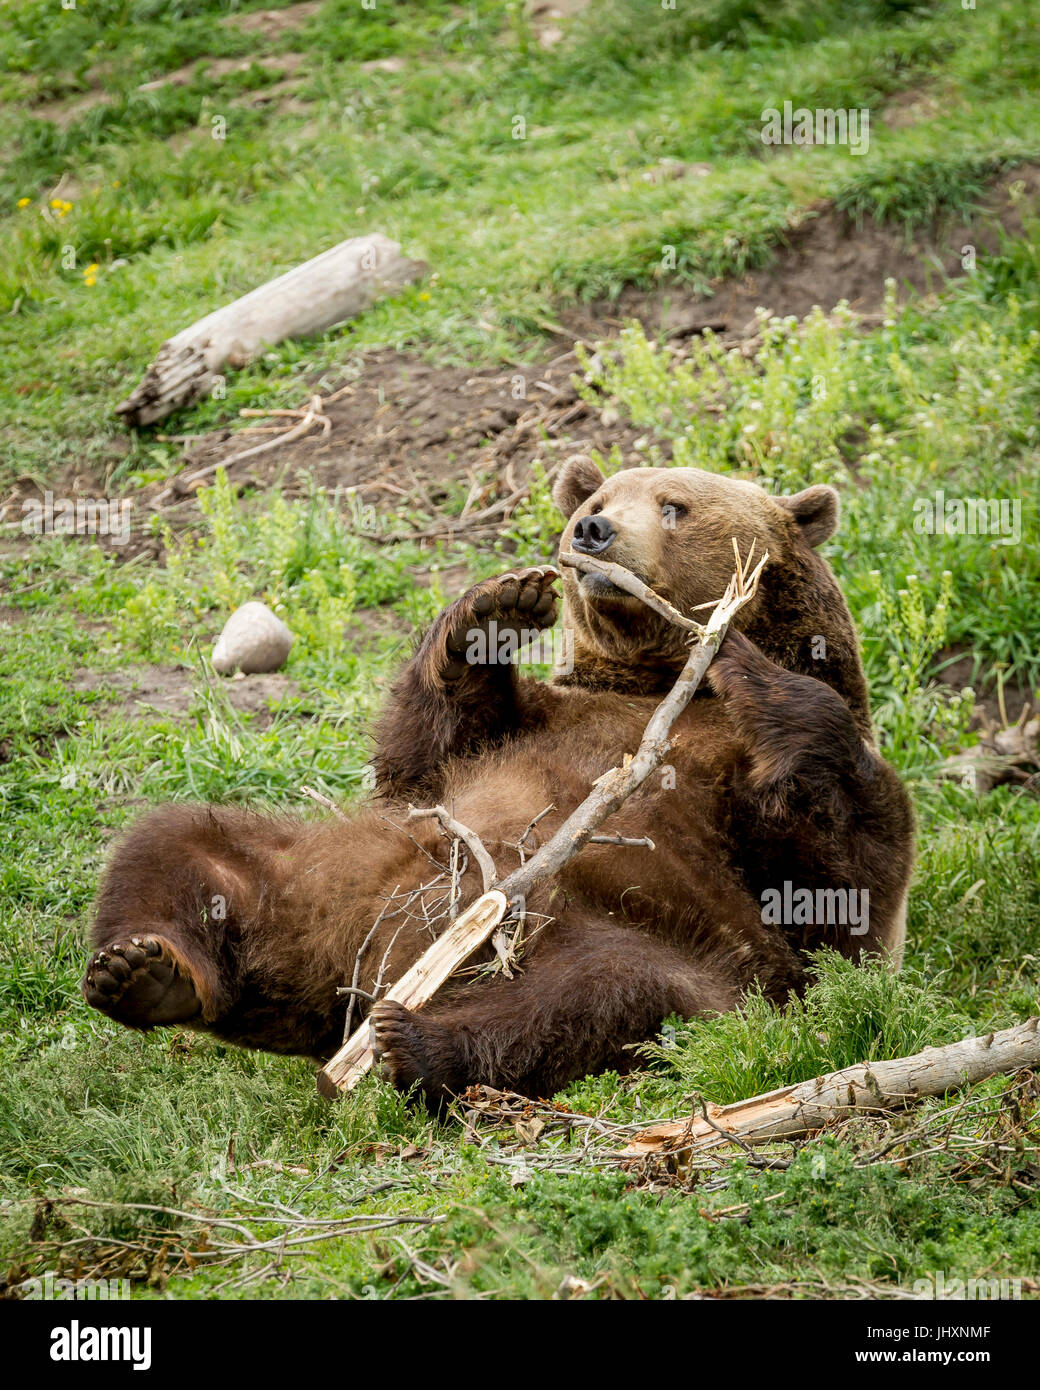 Eine Gefangene Grizzlybär wird spielerisch mit einem Stock in der Nähe von Bozeman, Montana. Stockbild